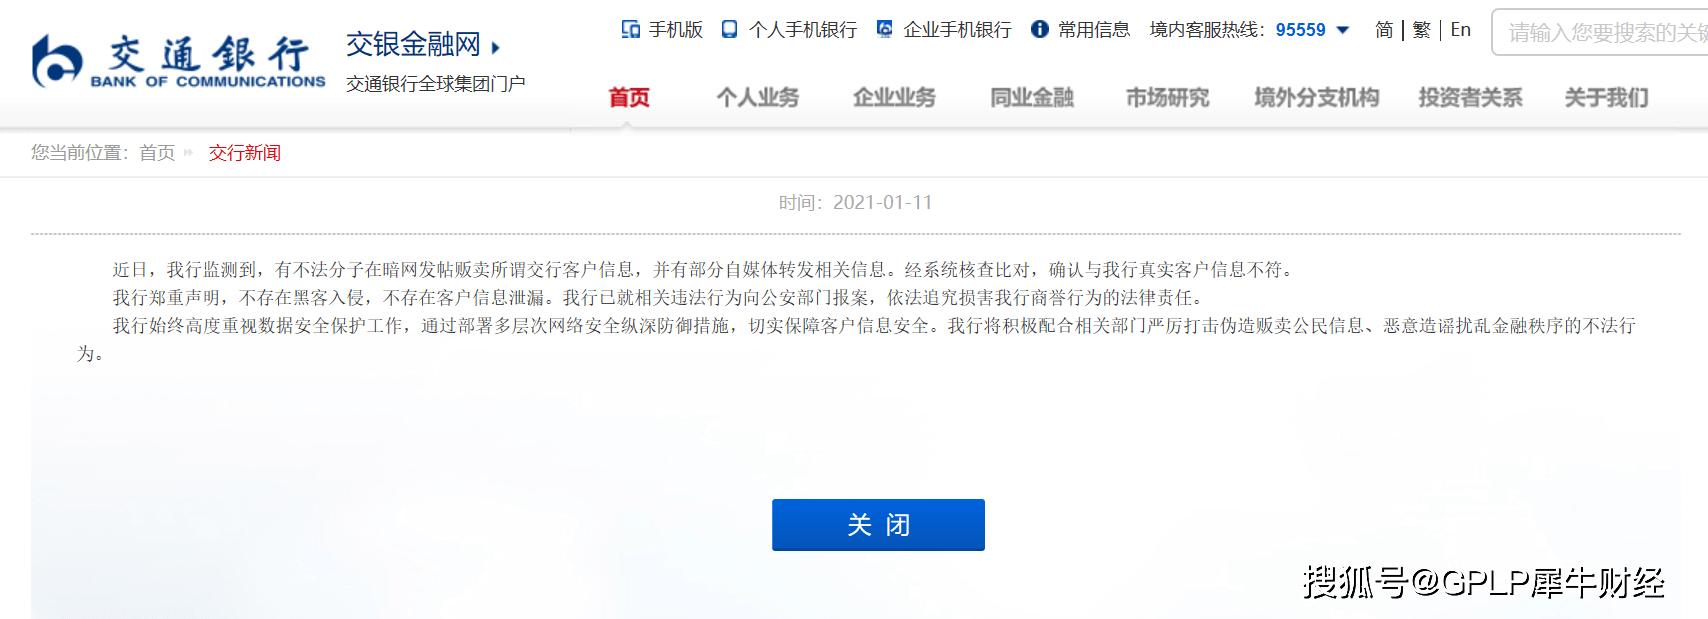 """客户信息被贩卖8.8BTC 交通银行陷""""信息泄露""""口水战"""